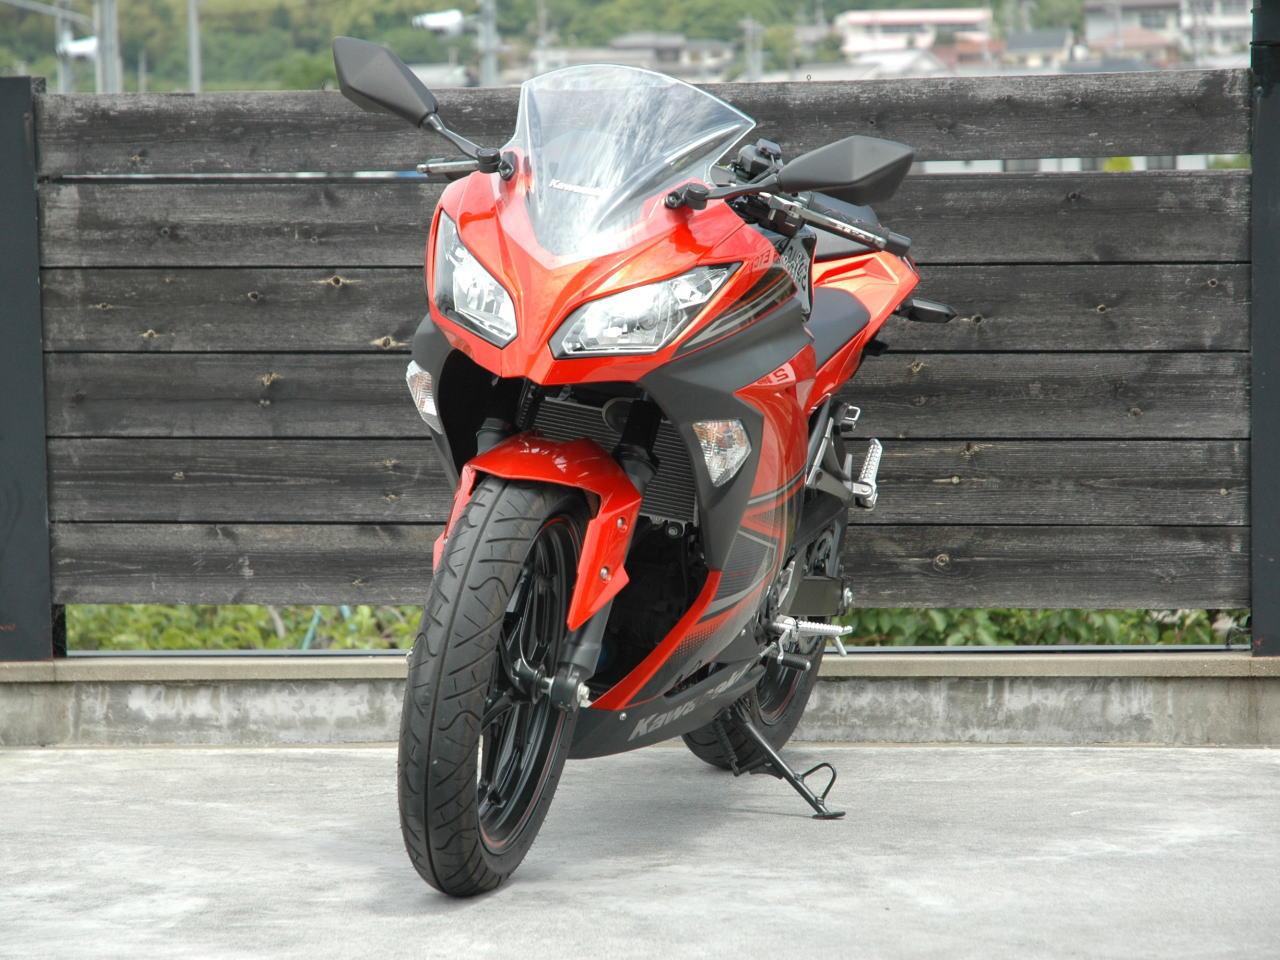 used-ninja250-orange-150522-3.jpg